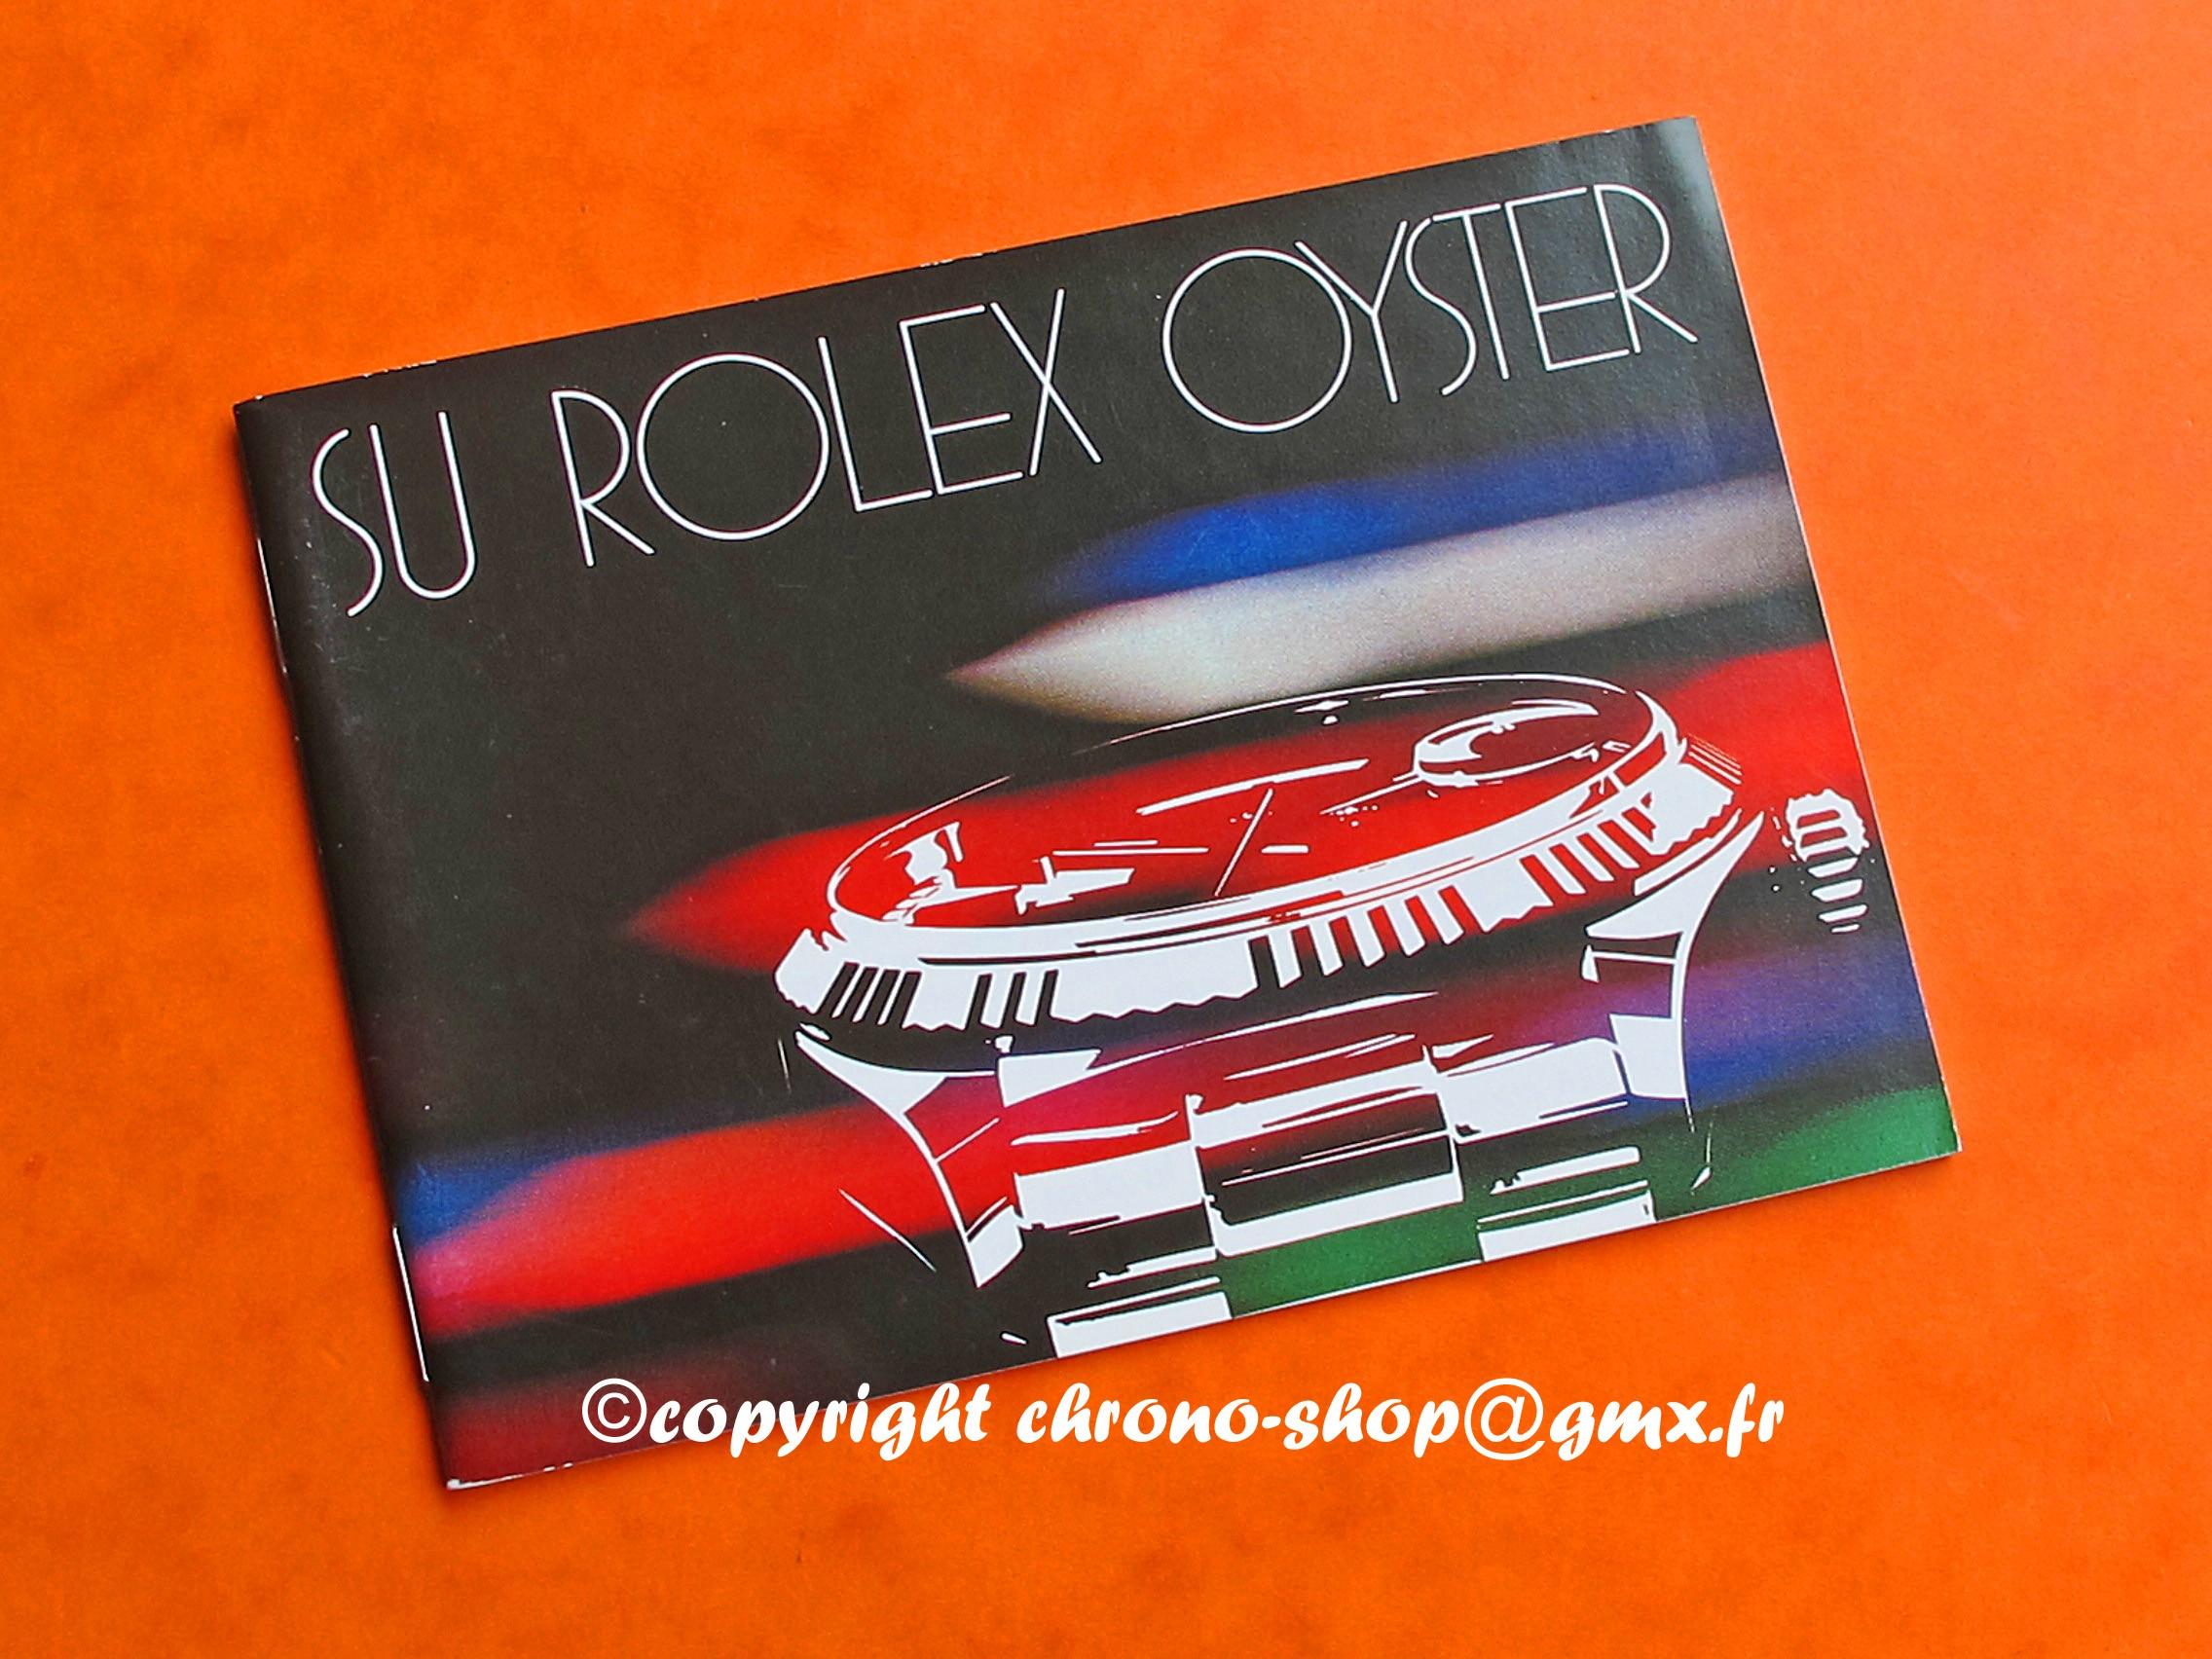 1982 SU ROLEX OYSTER bookley